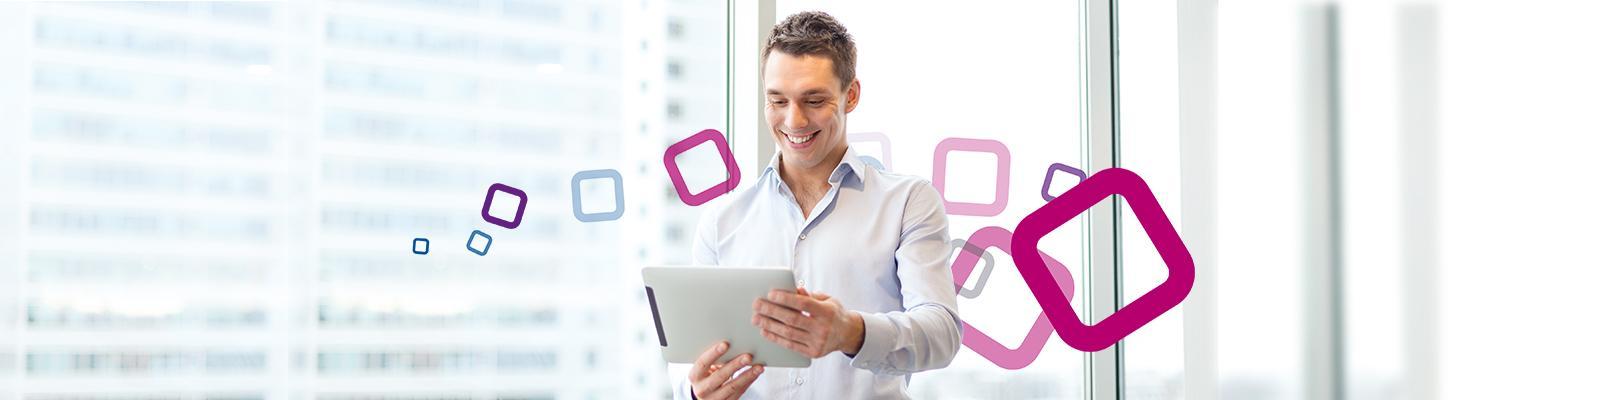 Avis Alcuin RH : Gestion des entretiens et de la formation   SIRH PME & ETI - appvizer